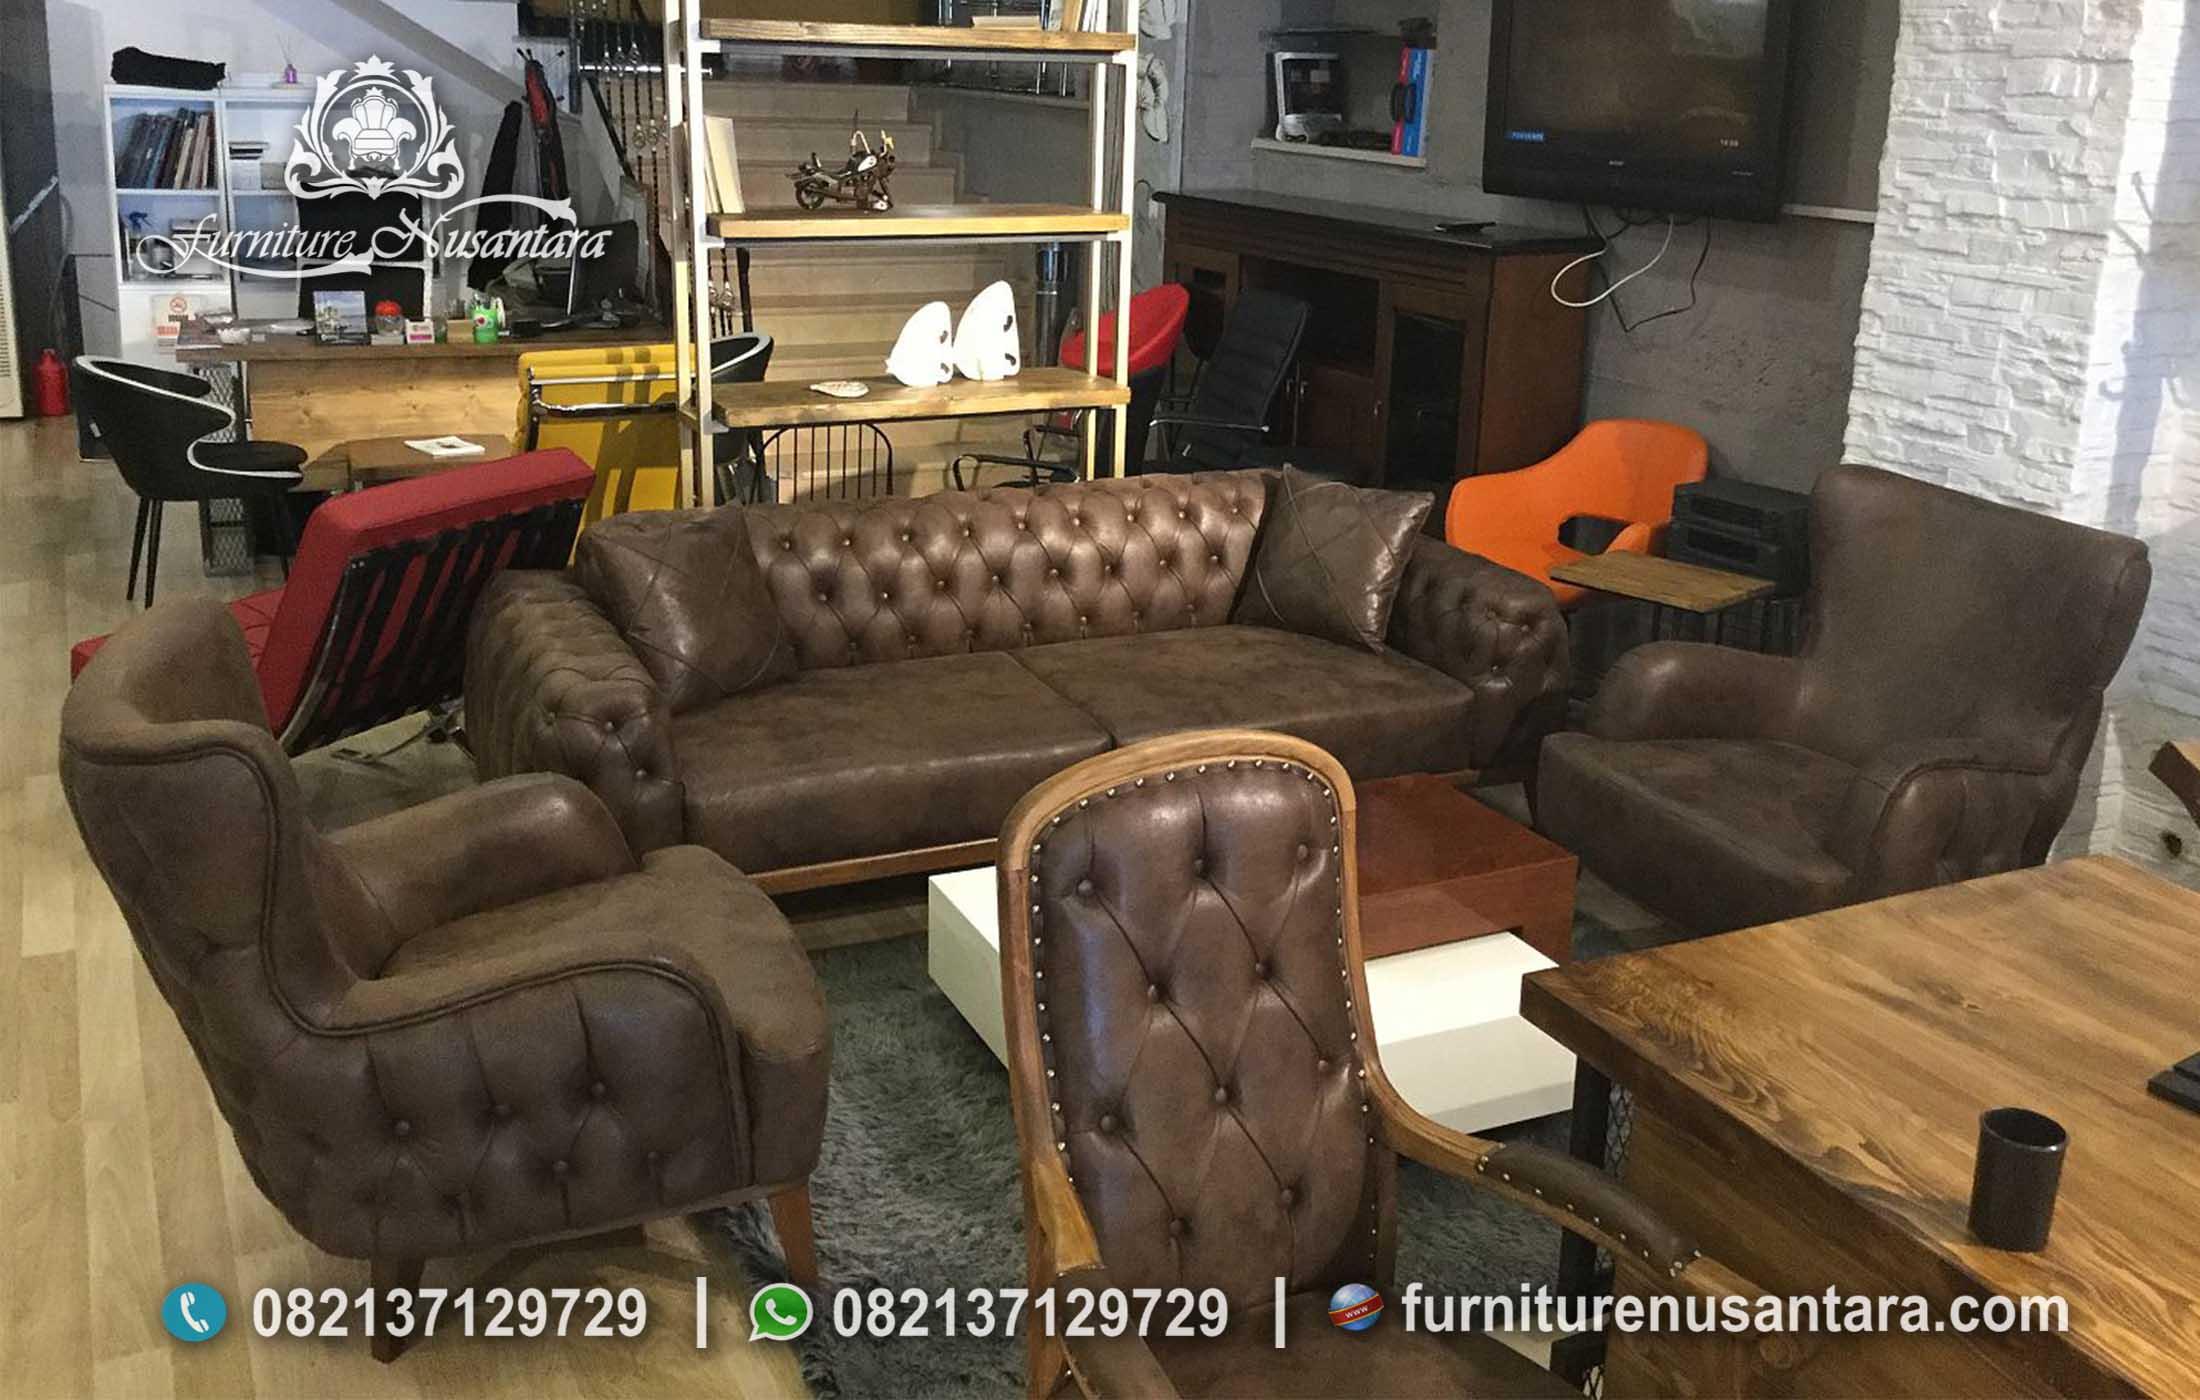 Desain Sofa Retro Elegan Terbaru ST-83, Furniture Nusantara